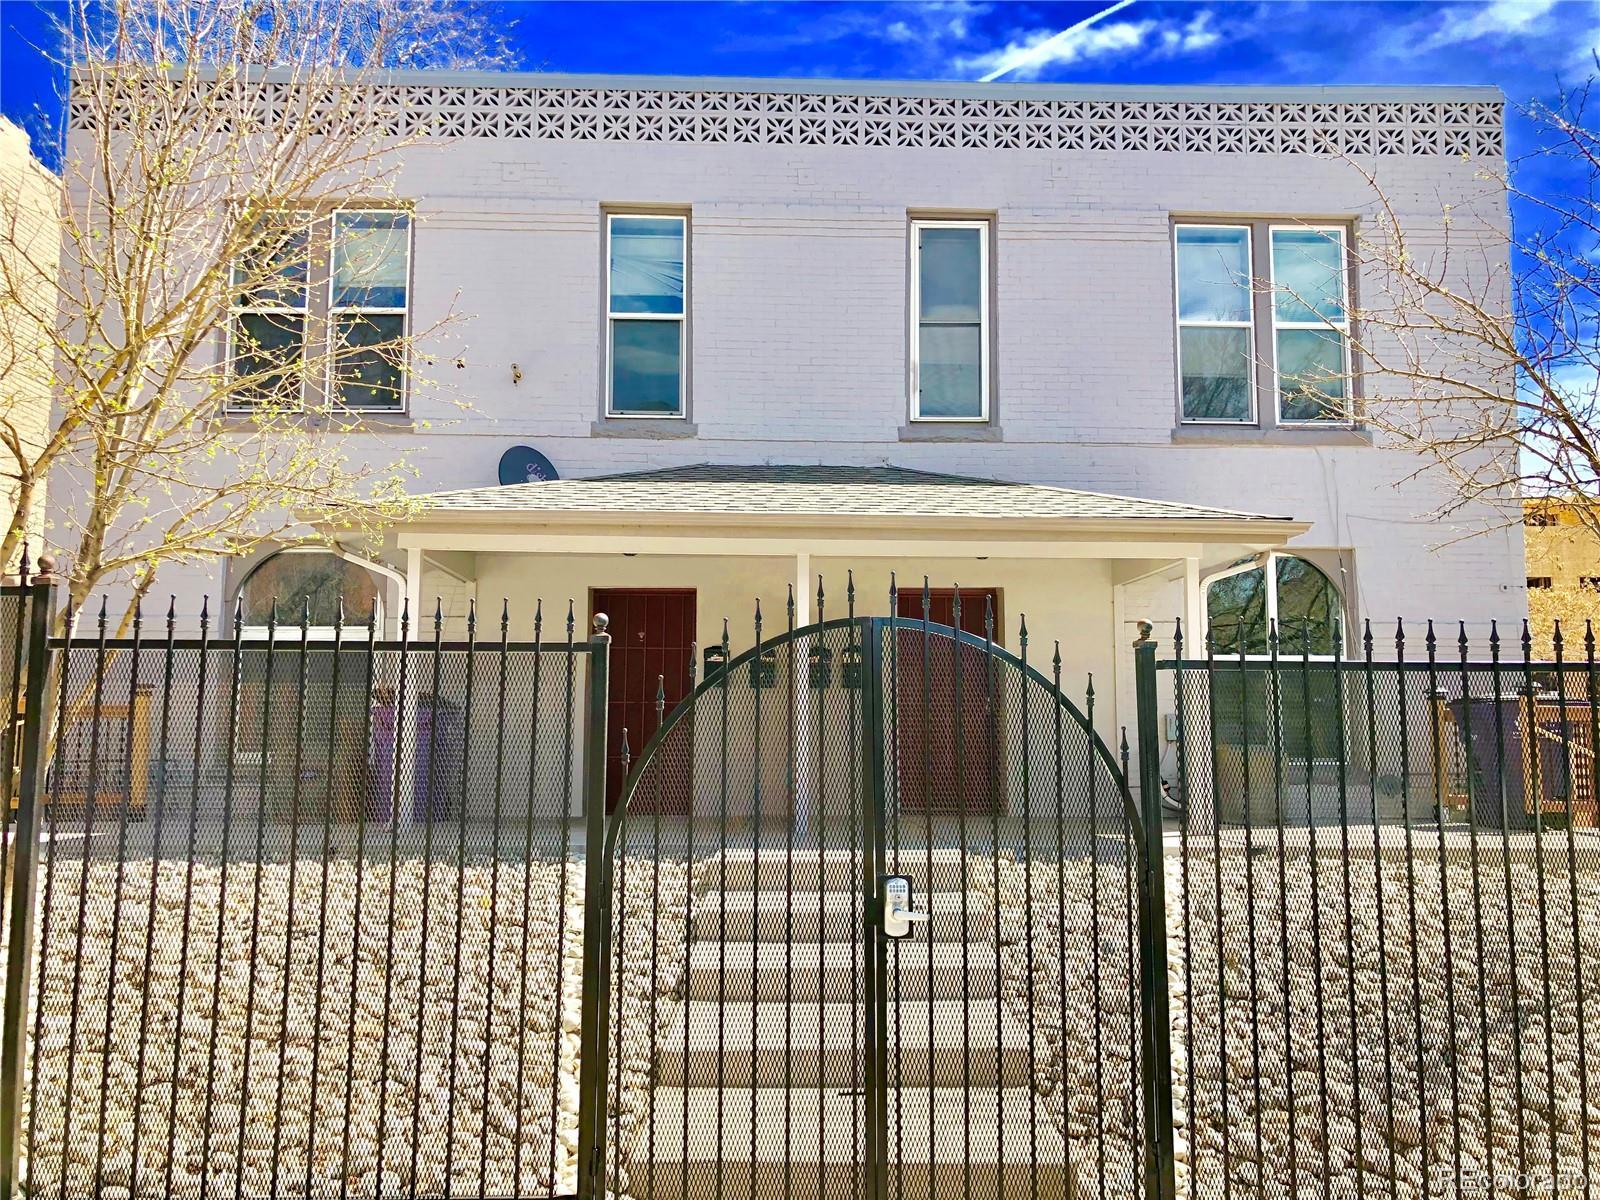 2324 Federal Boulevard, Denver, CO 80211 - Denver, CO real estate listing